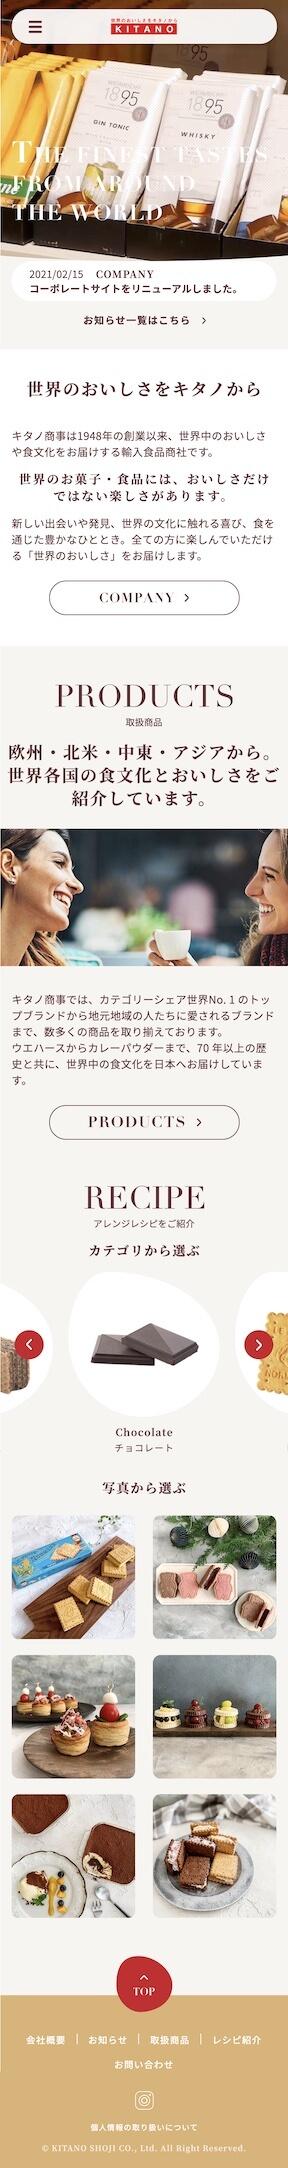 キタノ商事様コーポレートサイト:SPキャプチャ画像